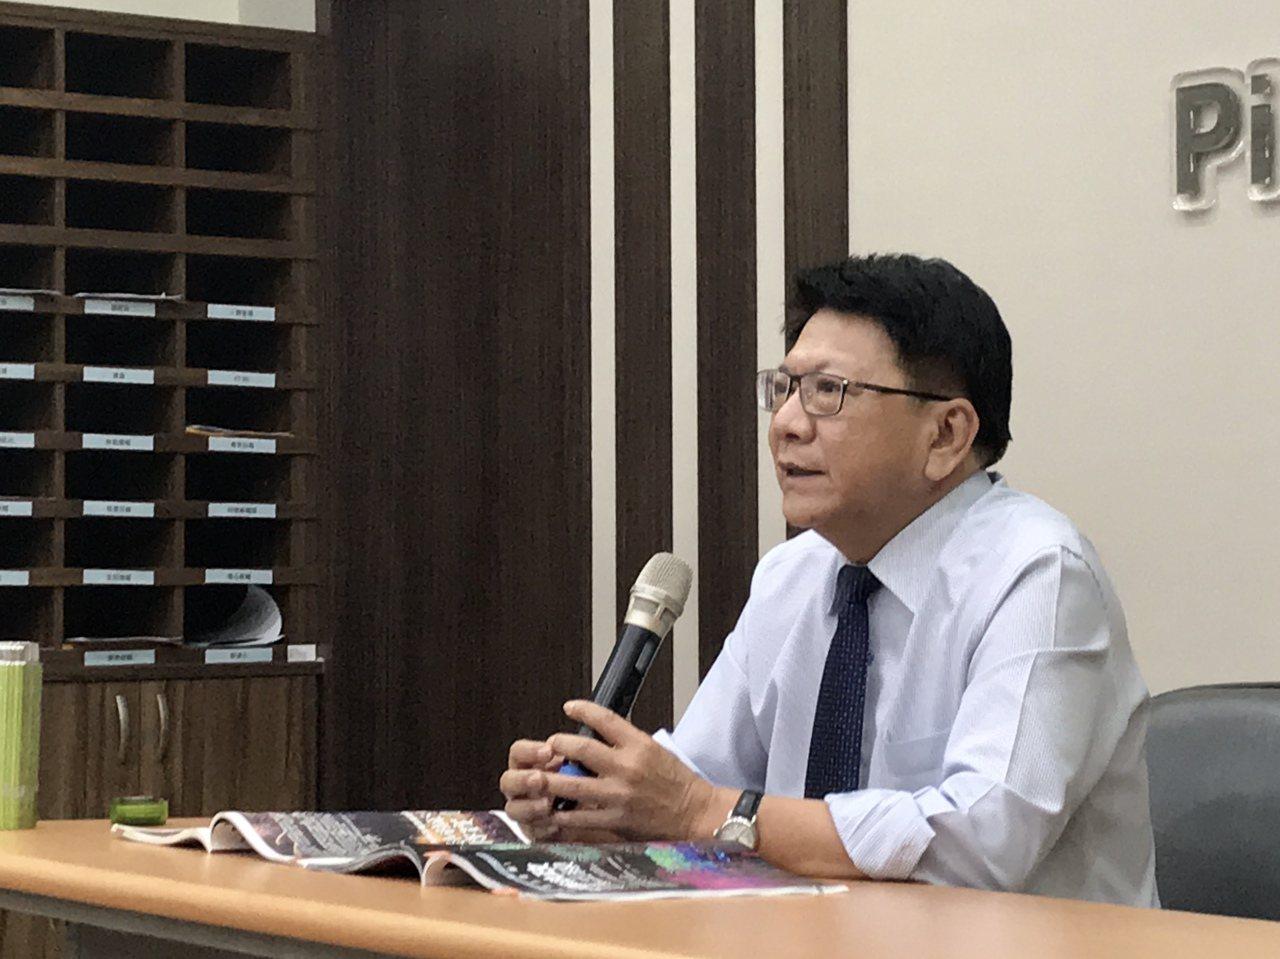 屏東縣長潘孟安表示,對於其他縣市沒有評論,拿下施政滿意度調查第一名,「開心一分鐘...